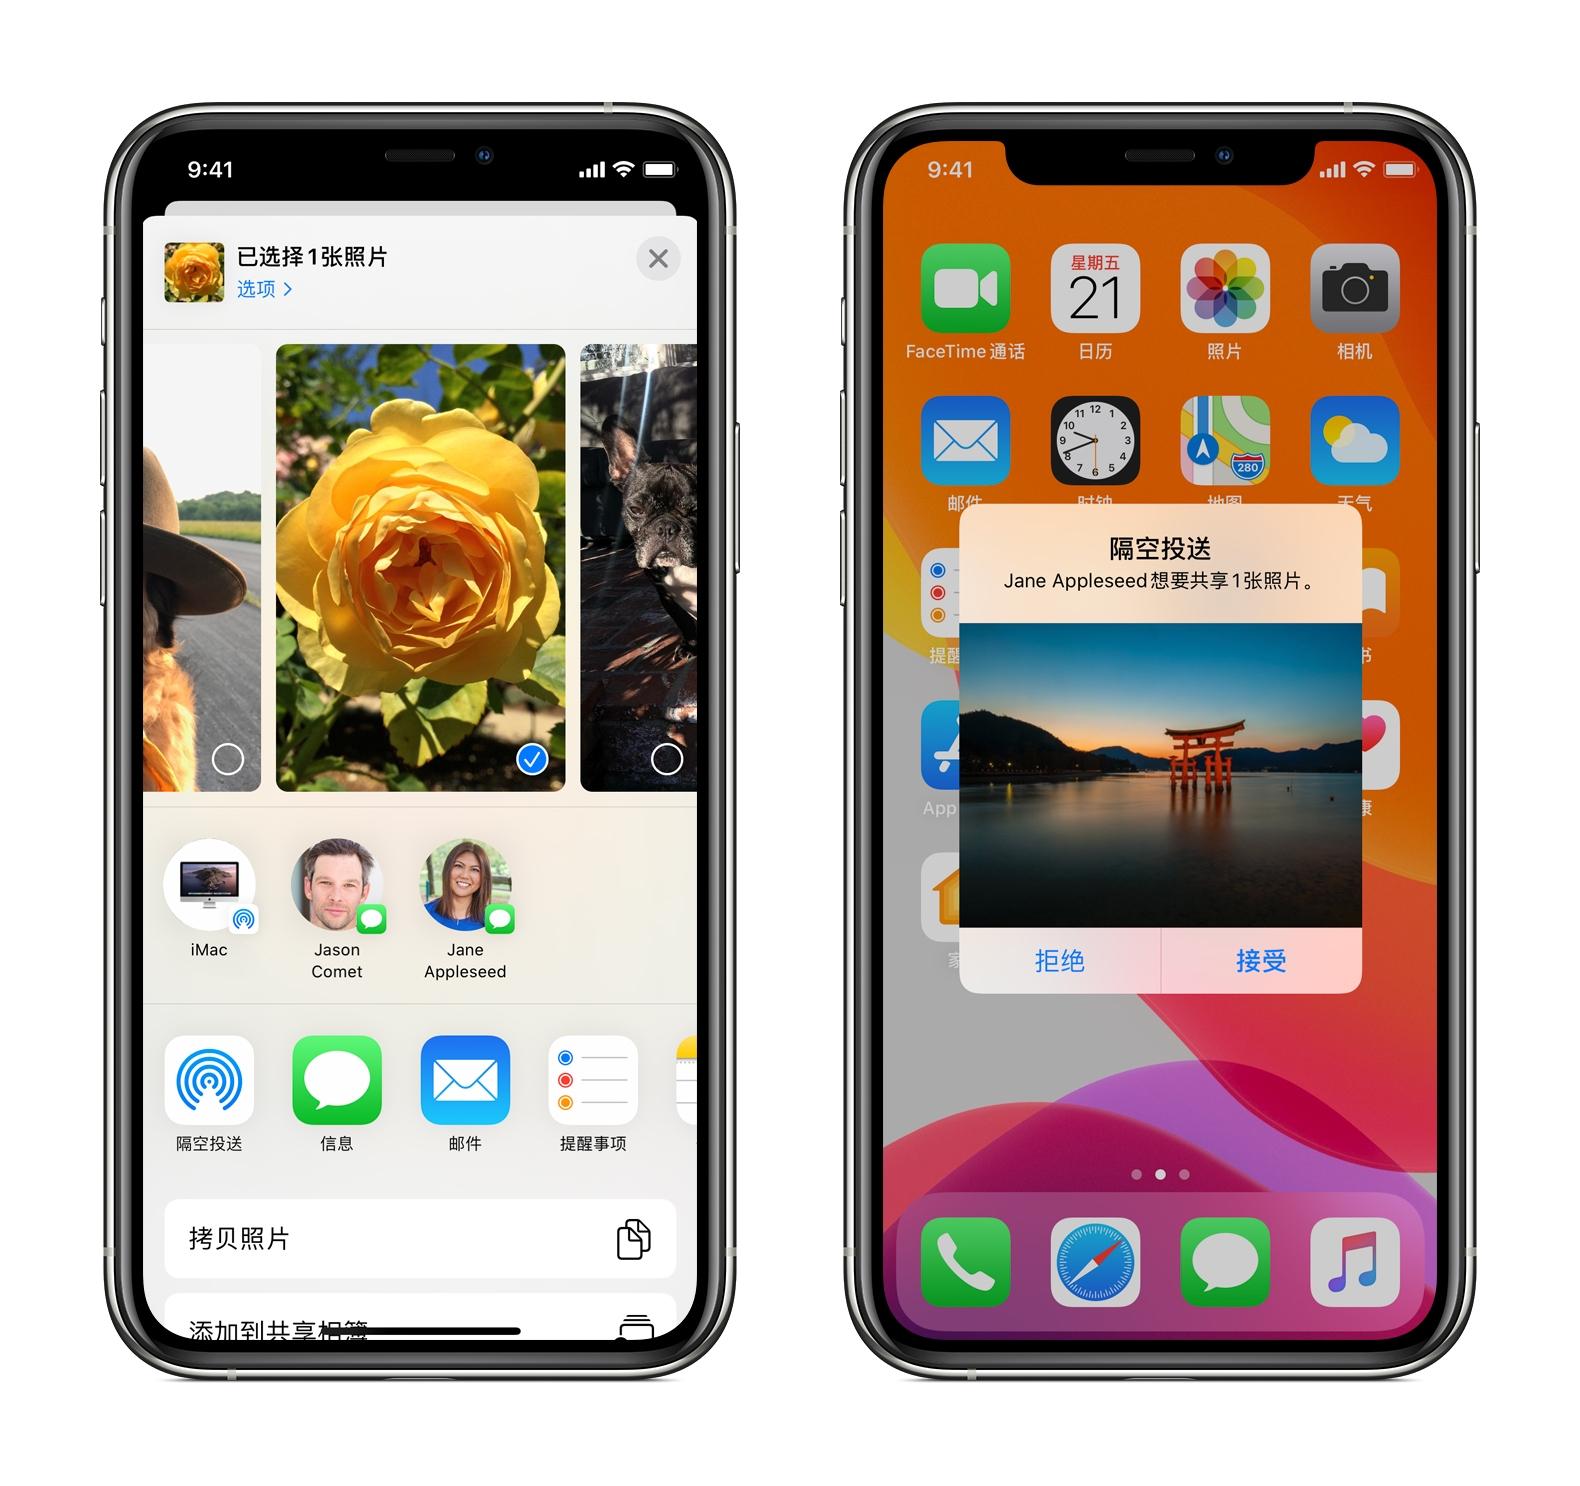 iPhone 和 Apple Watch 及 MacBook 之间有哪些搭配使用的小技巧?